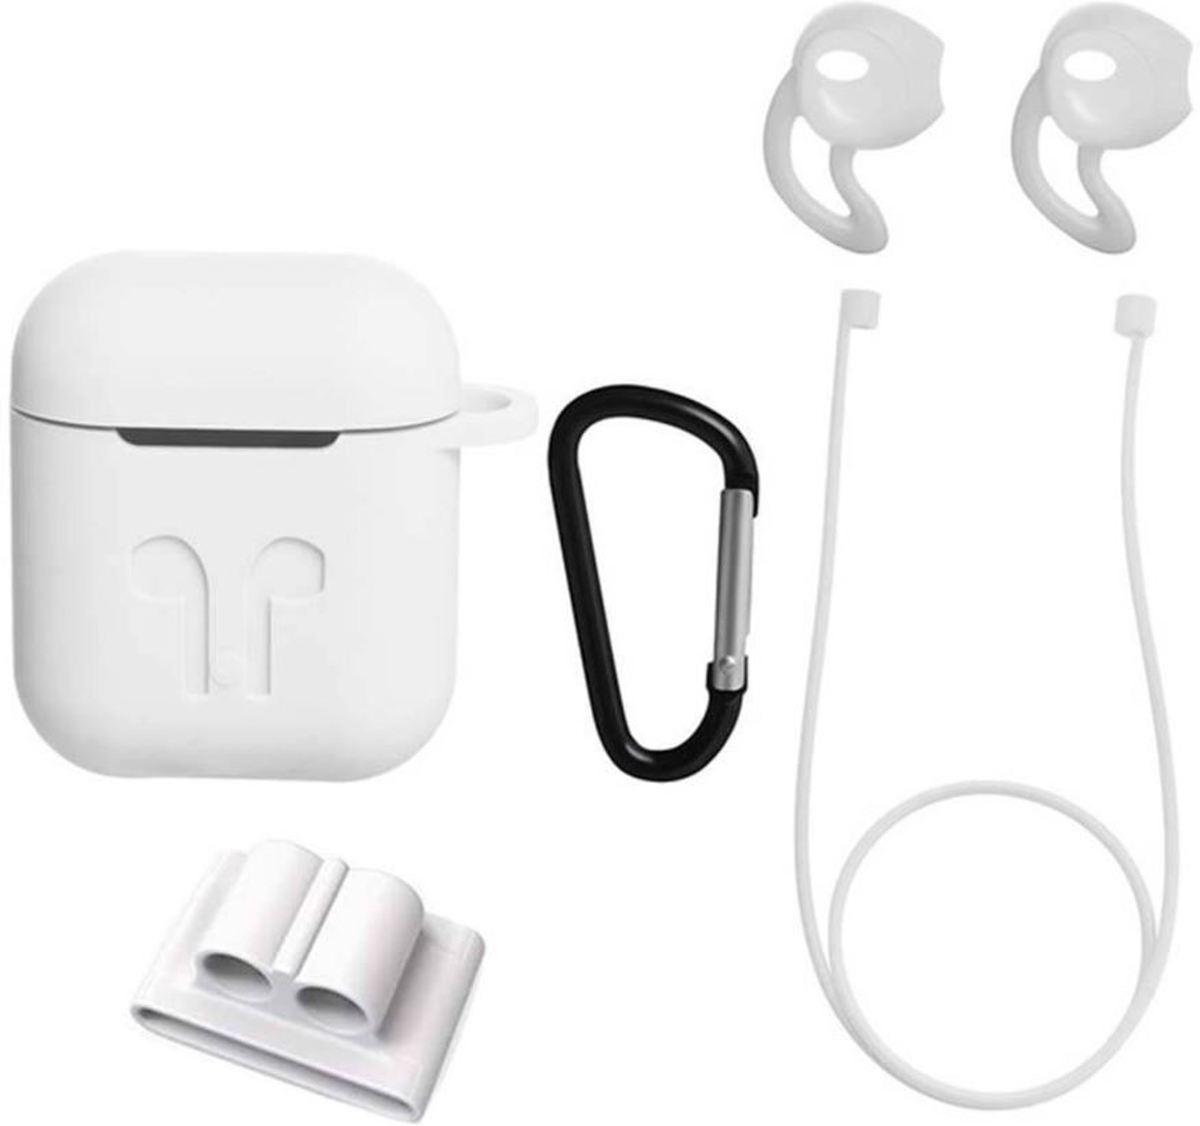 Siliconen Case Cover voor Apple Airpods - 5 in 1 set met Anti Lost Strap en Haak - Wit kopen